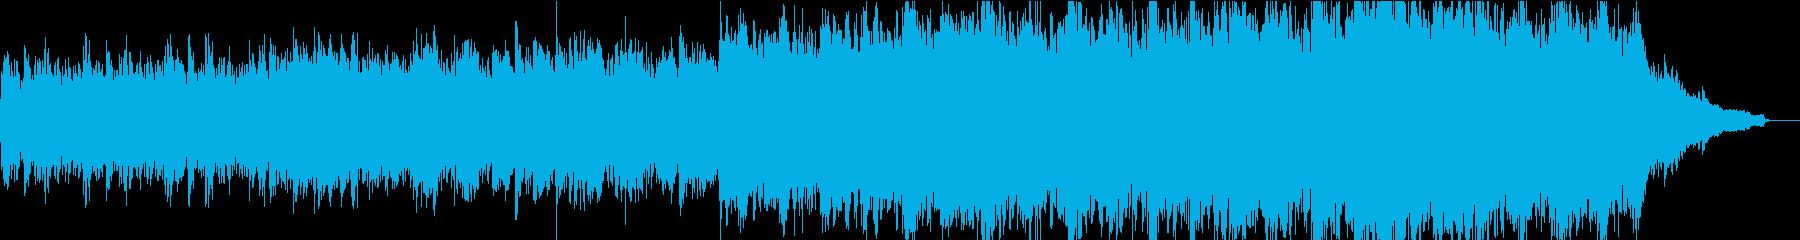 現代的な和風管弦楽②打楽器なしの再生済みの波形